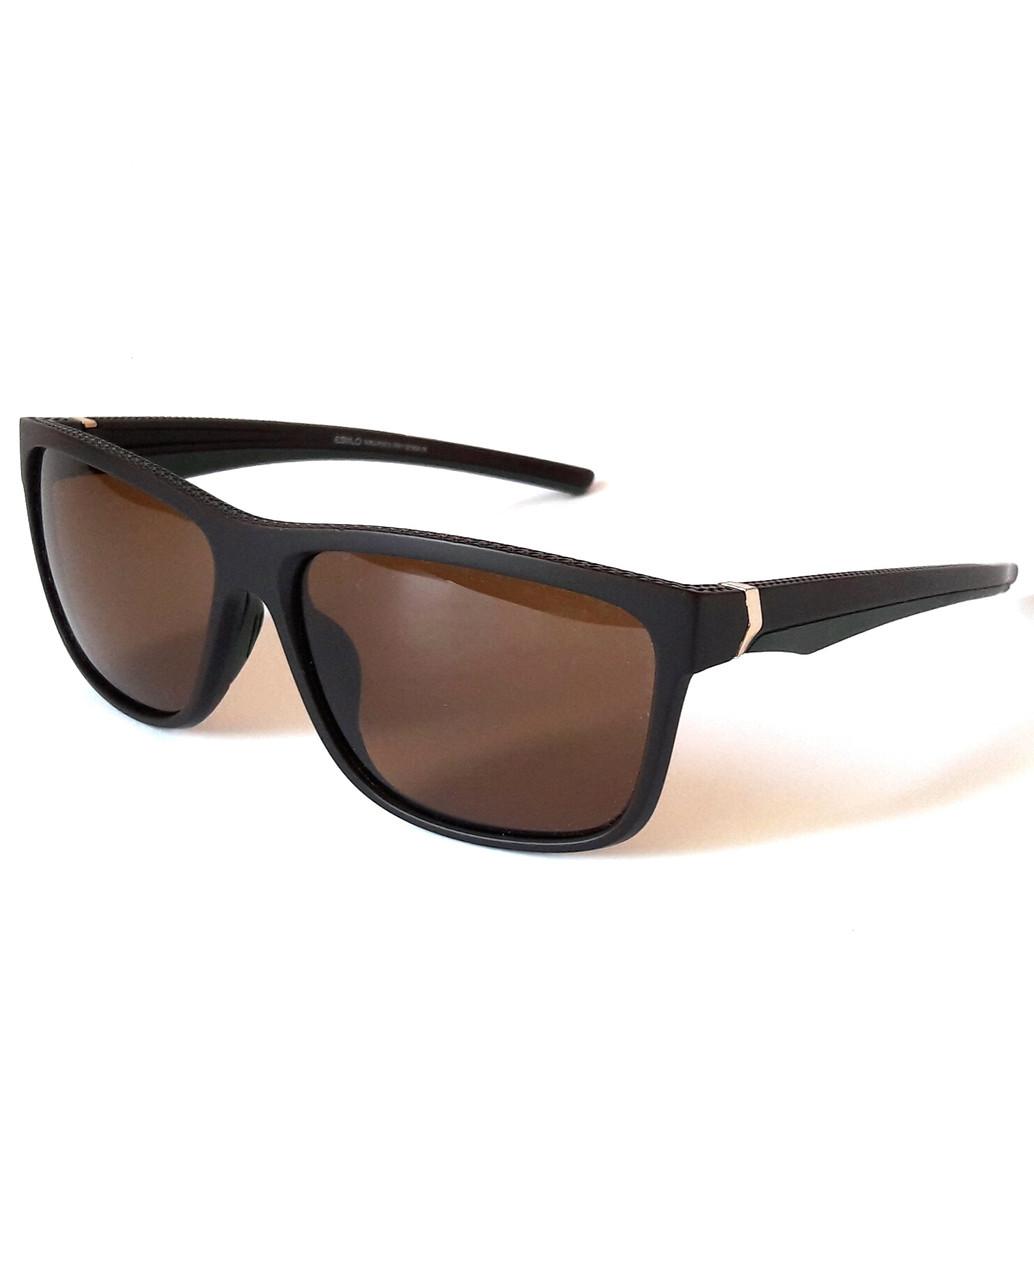 Солнцезащитные очки высокого качества с поляризацией, двухцветные, унисекс, Estilo